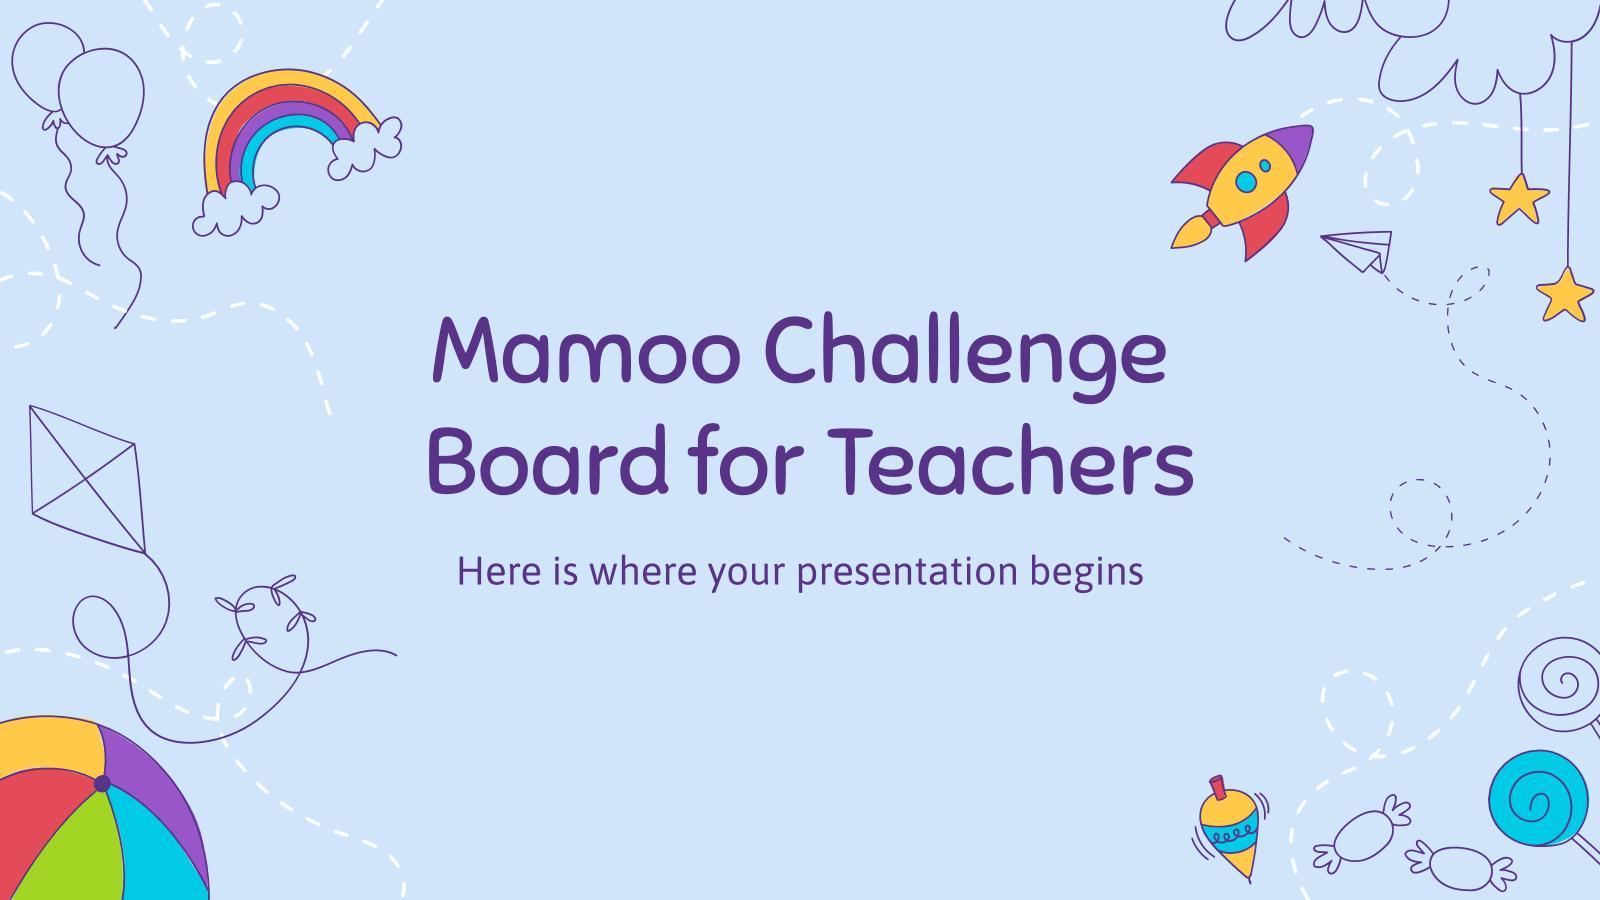 Tableau de jeu Mamoo pour les enseignants : Modèles de présentation